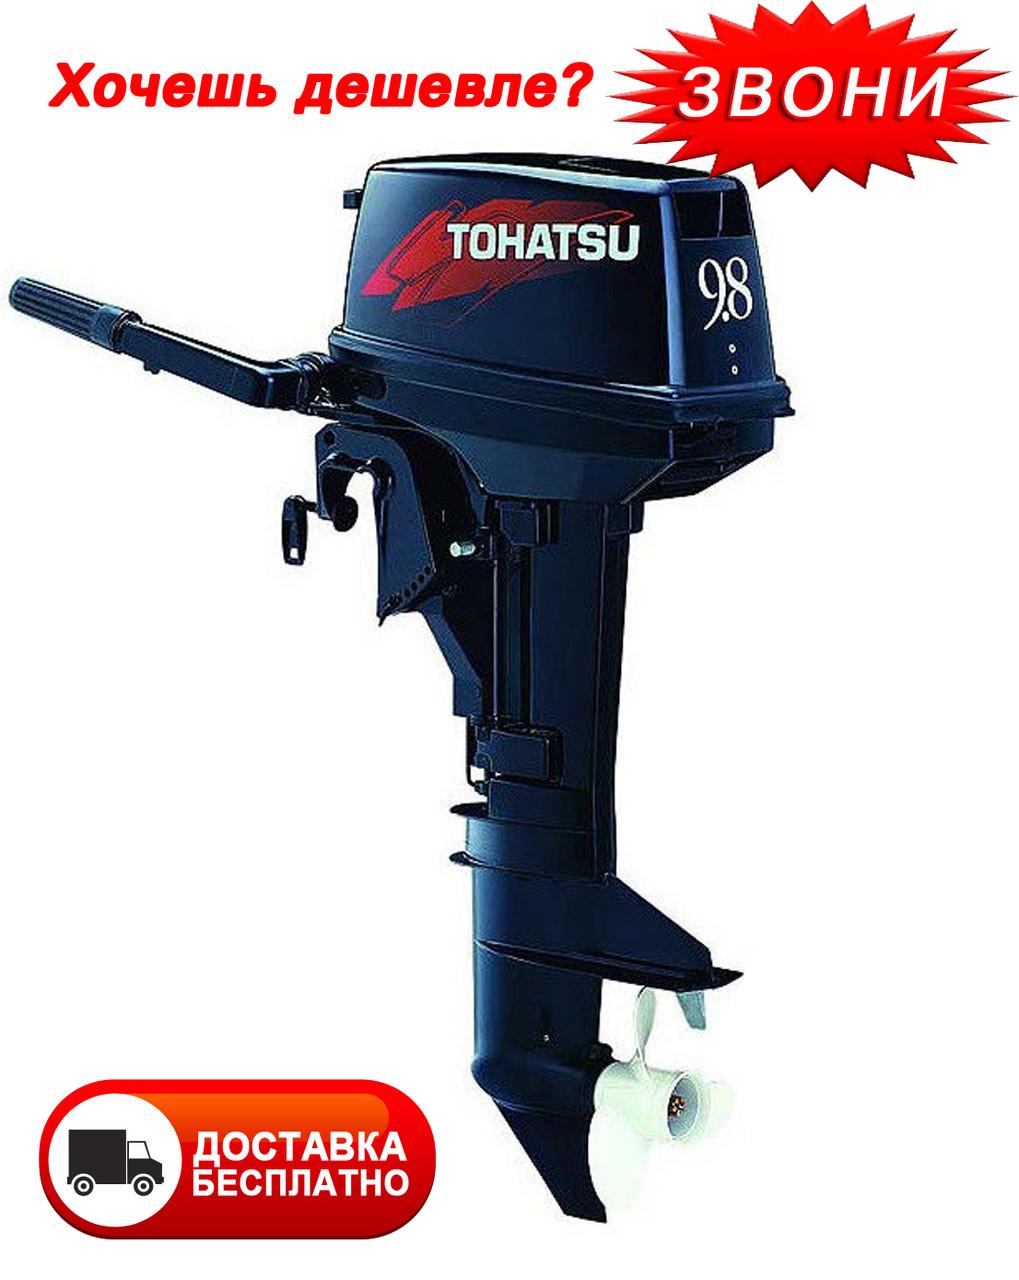 Двухтактный лодочный мотор Tohatsu M9.8S АКЦИЯ !!!Количество ограничено СПЕШИТЕ